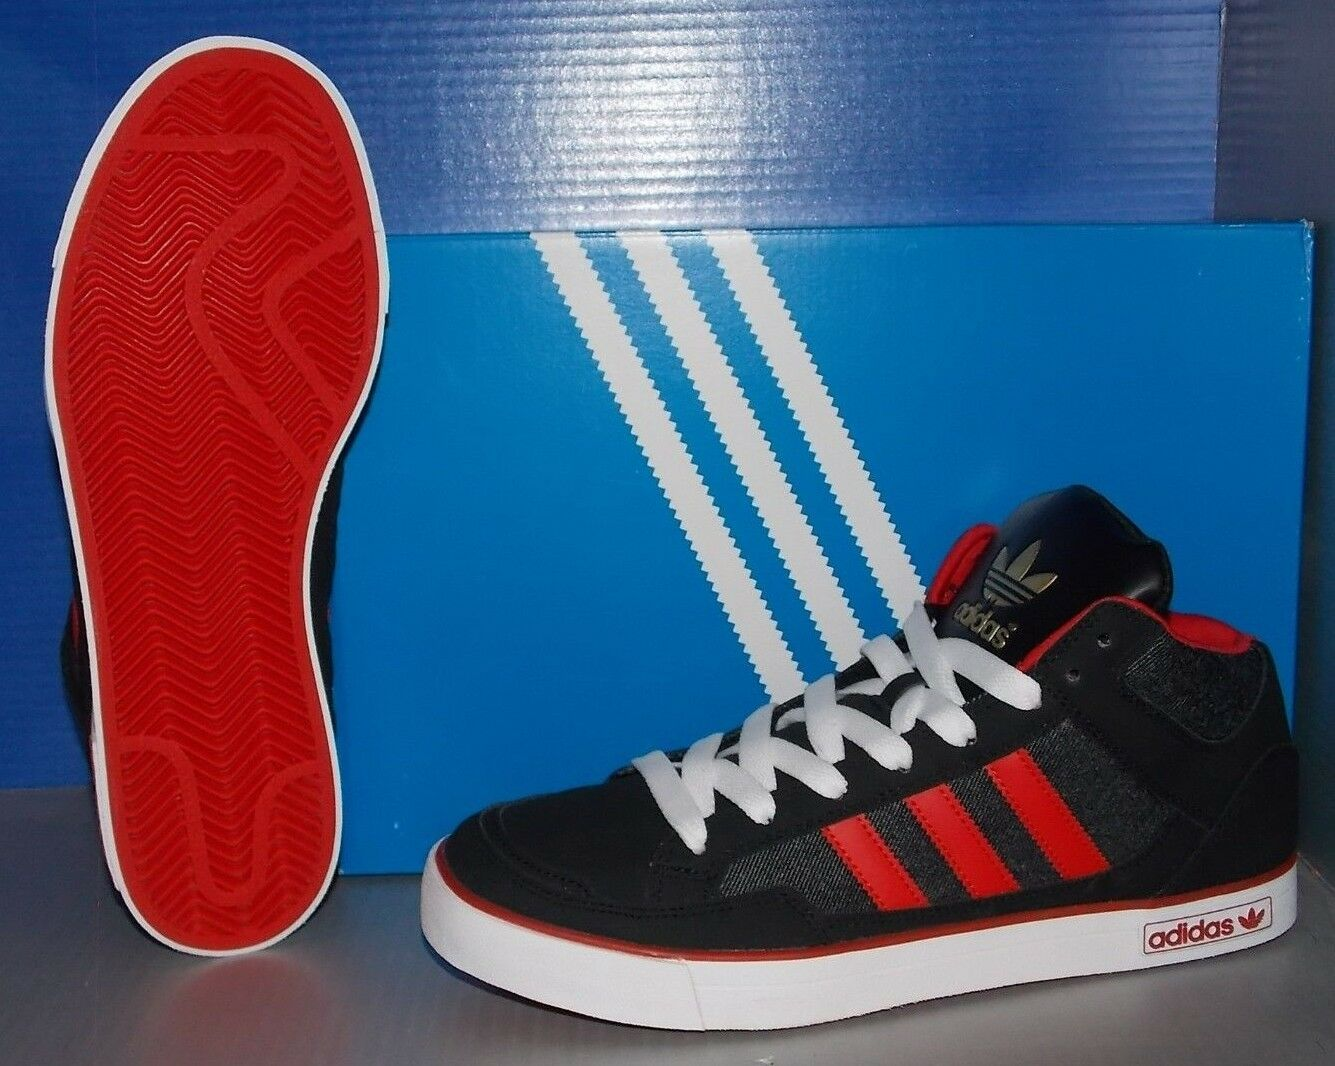 adidas adidas adidas vc 1000 en couleurs noir / lumière rouge / blanc taille 11,5 | économique Et Pratique  29fc44